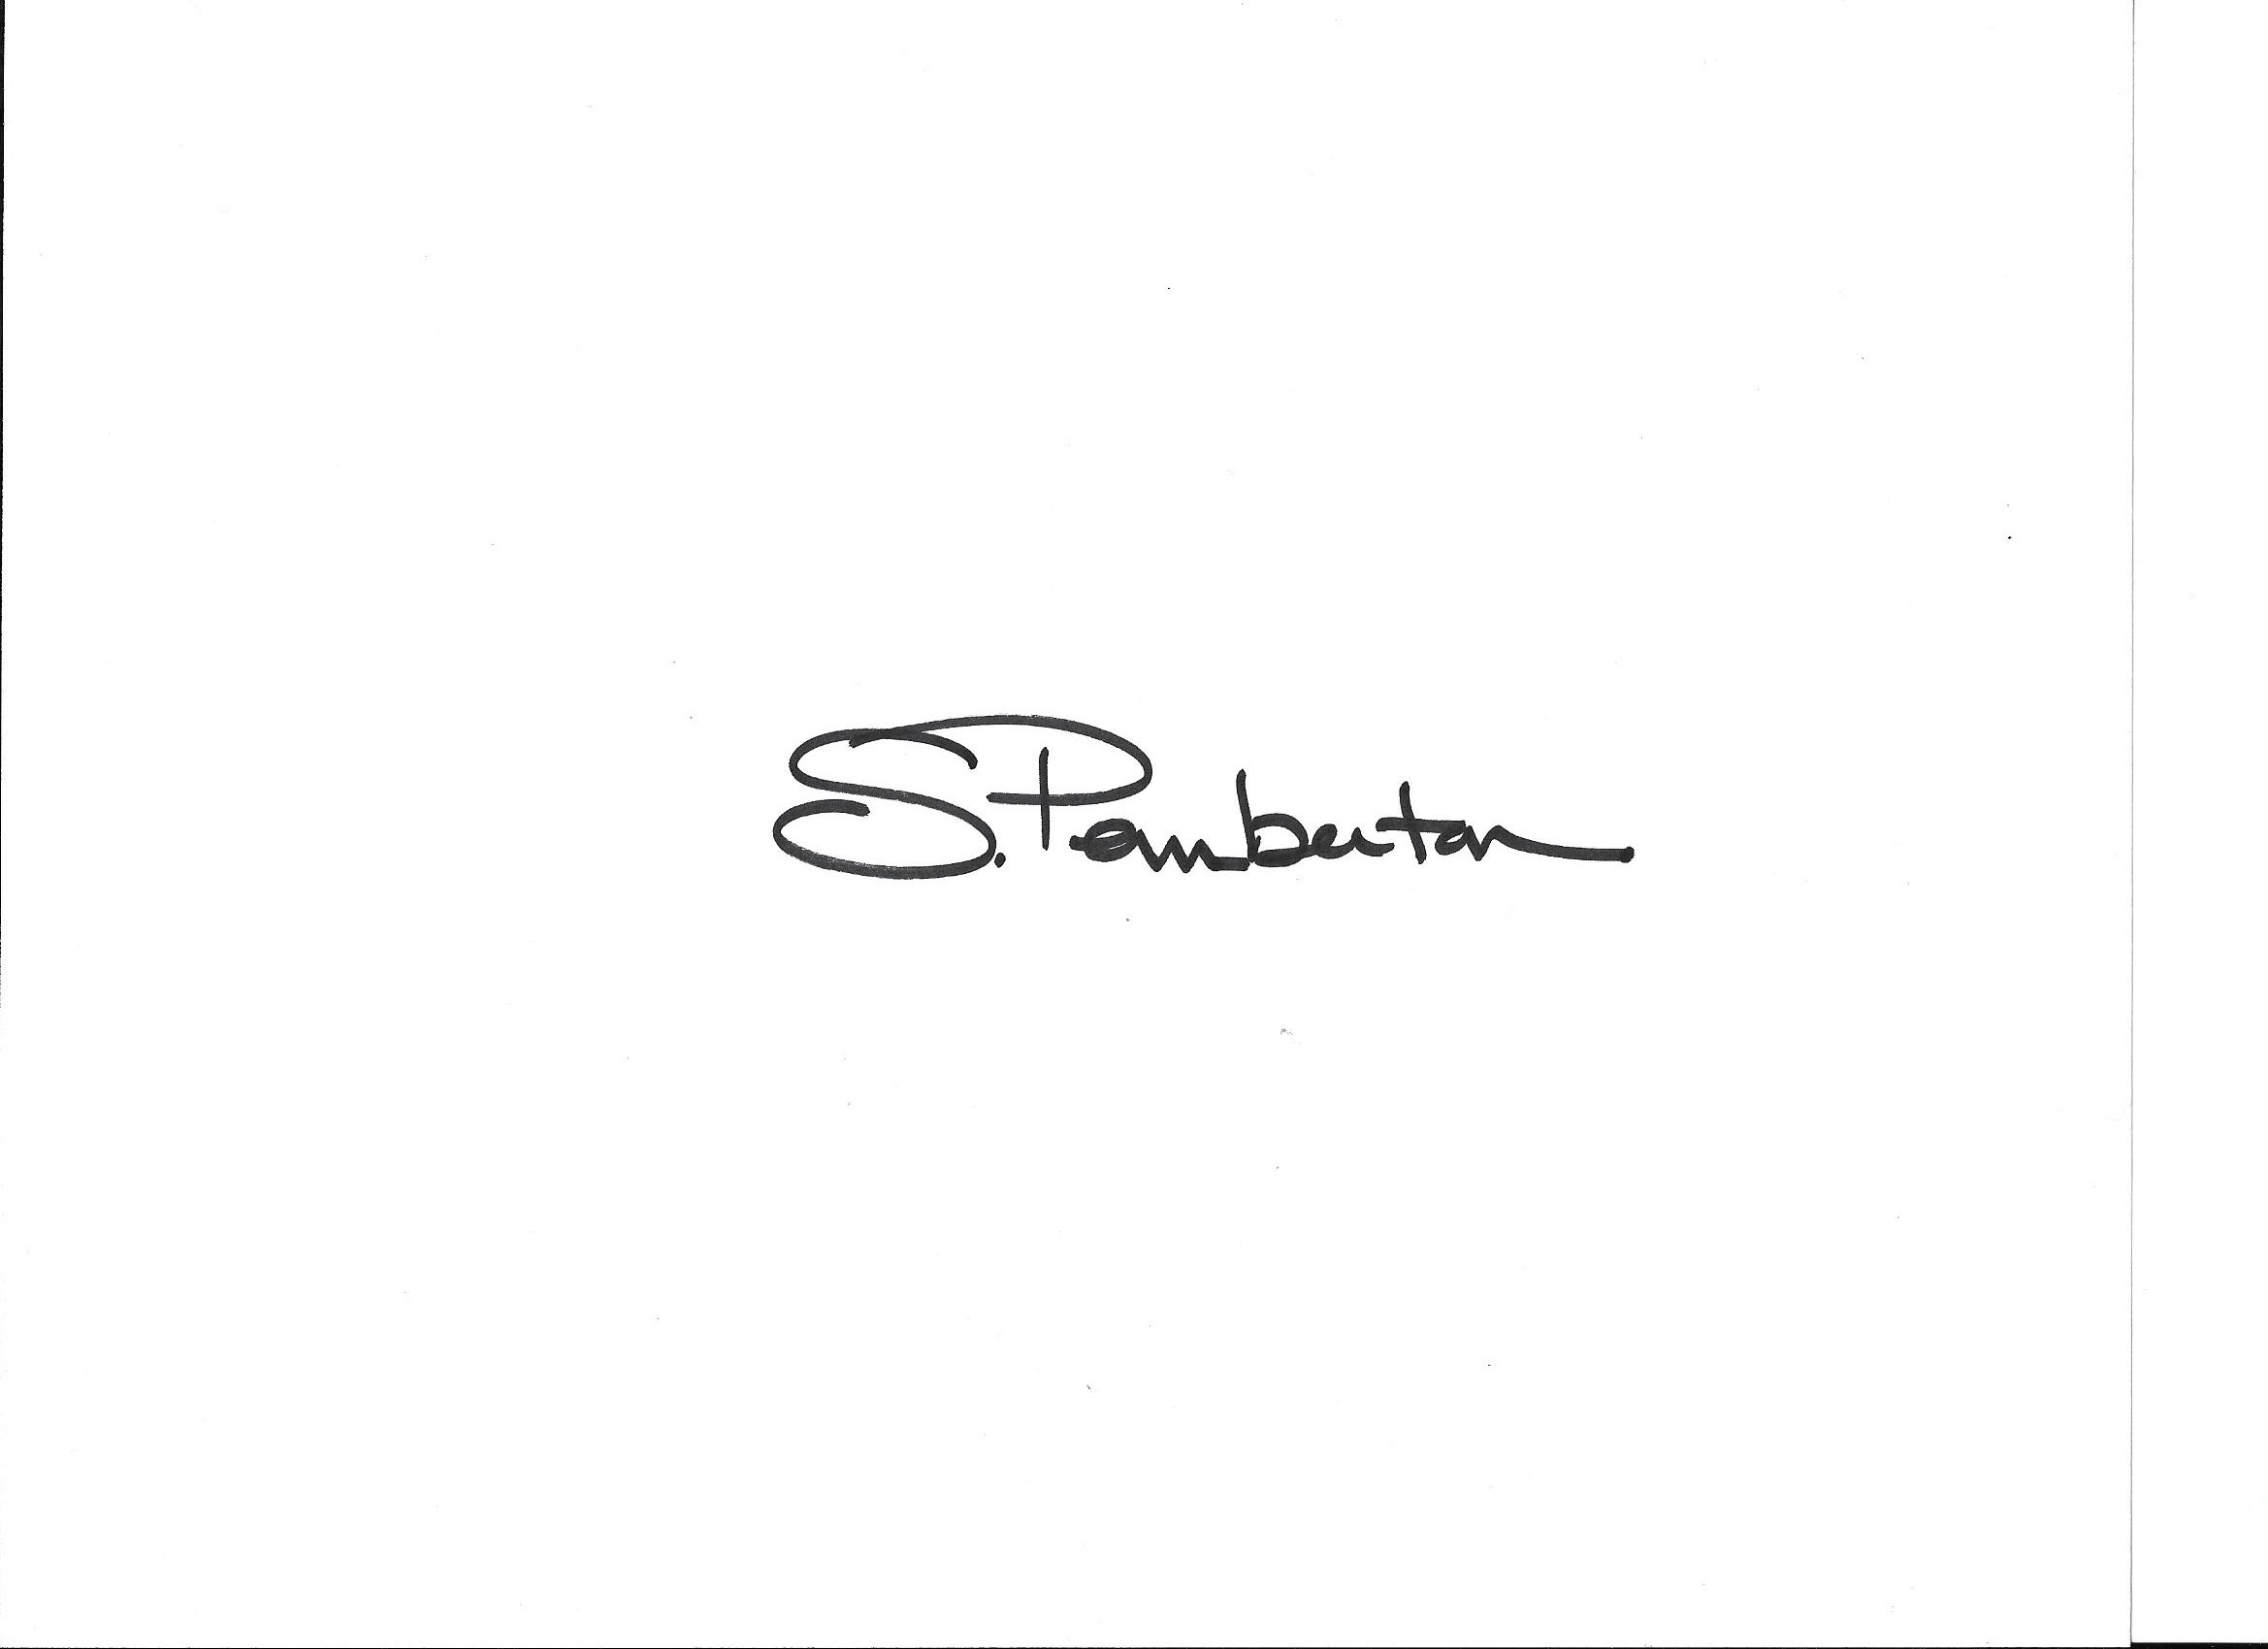 Suzanne Pemberton's Signature